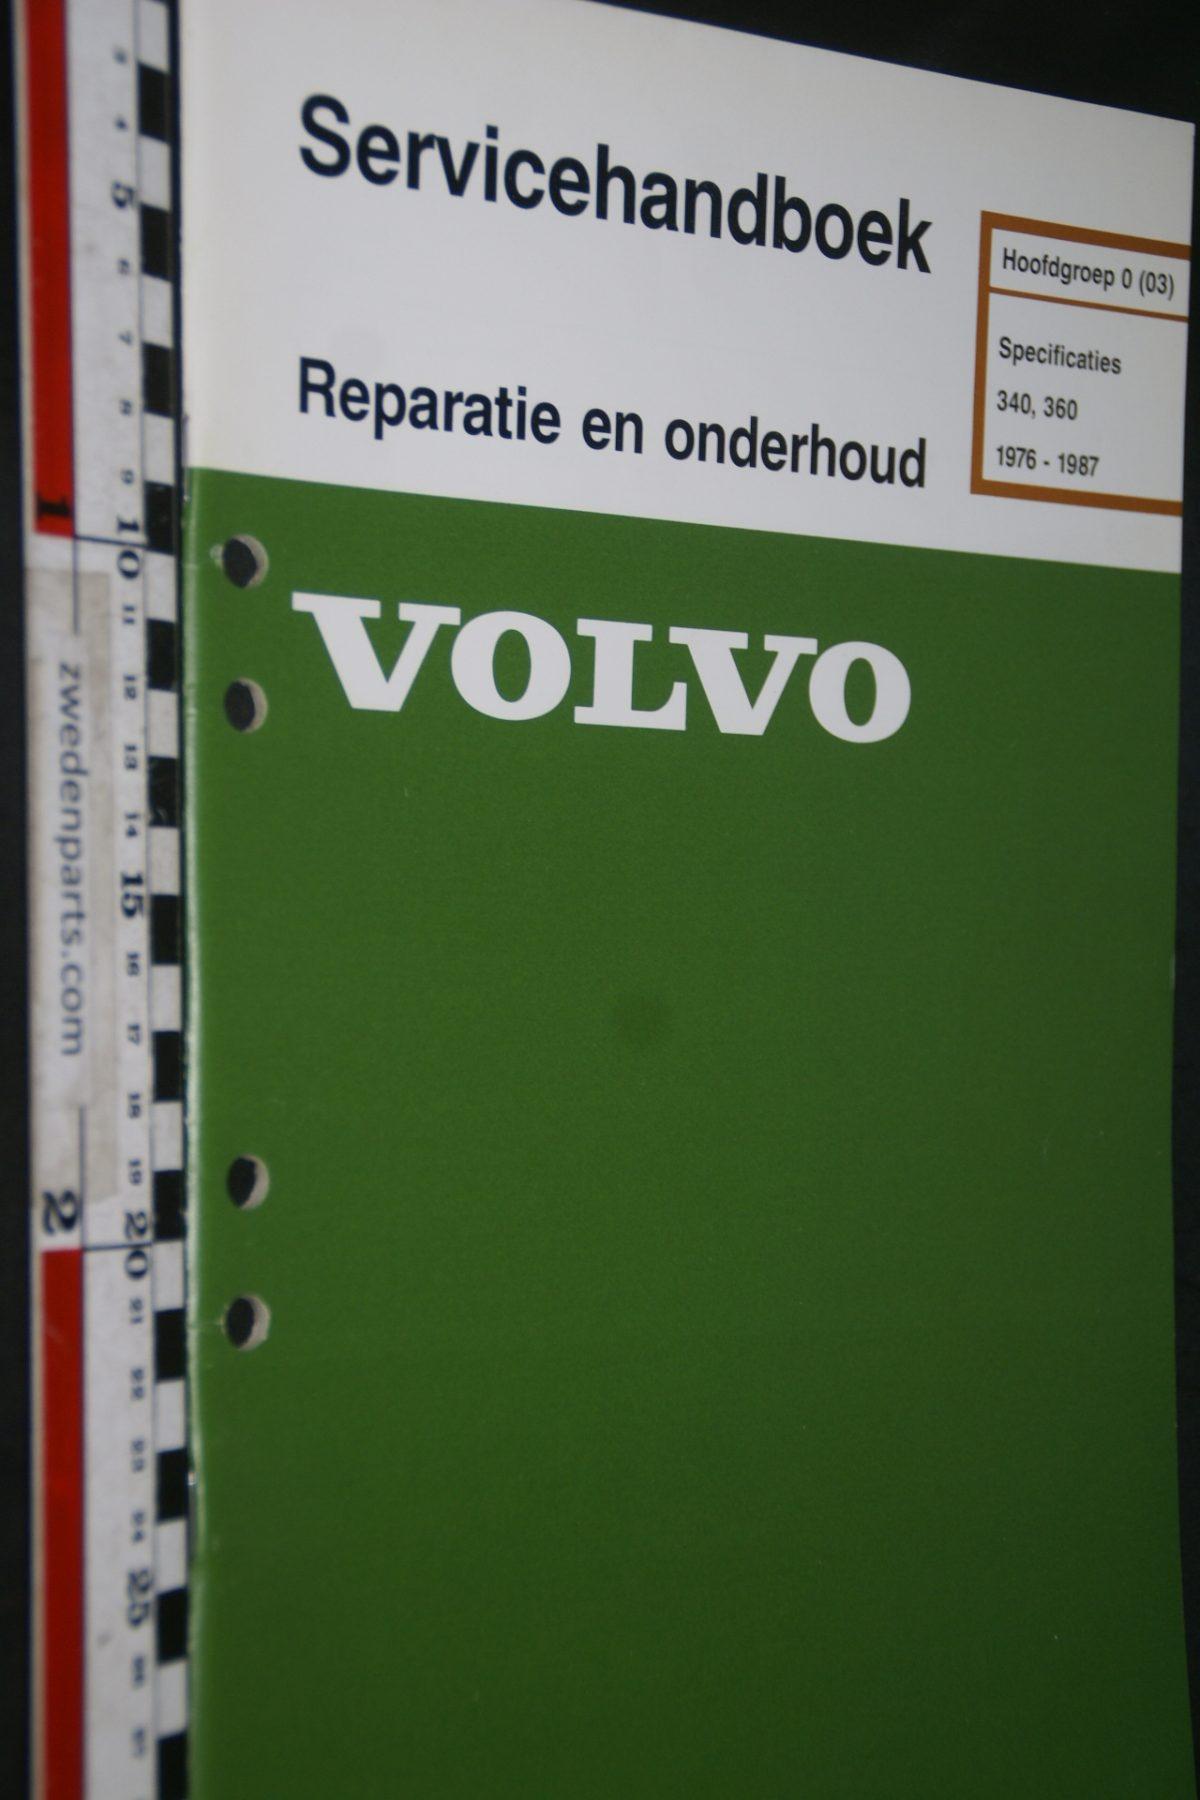 DSC06820 1986 origineel Volvo 340.360 servicehandboek 0 (03)  specificaties 1 van 700 TP 35028-8